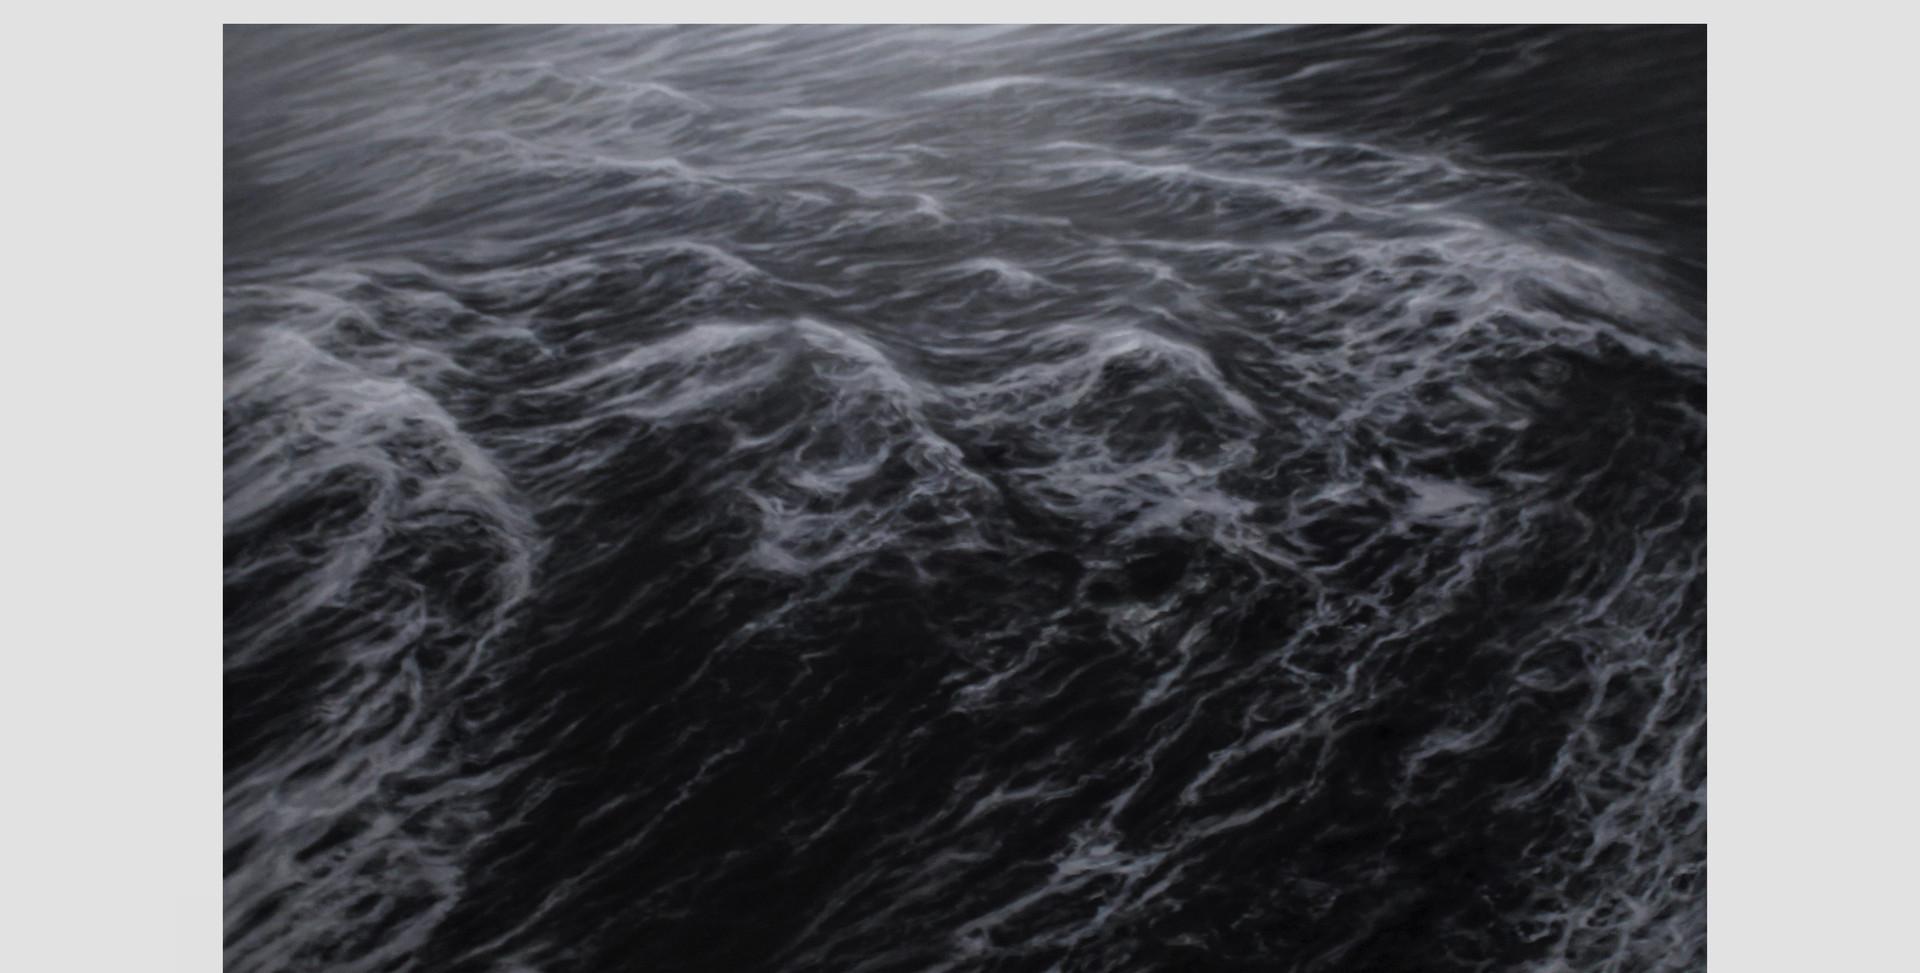 """200 x 300 cm huile sur toile 10.000 E """"La marche des flots"""" Franco Salas Borquez"""